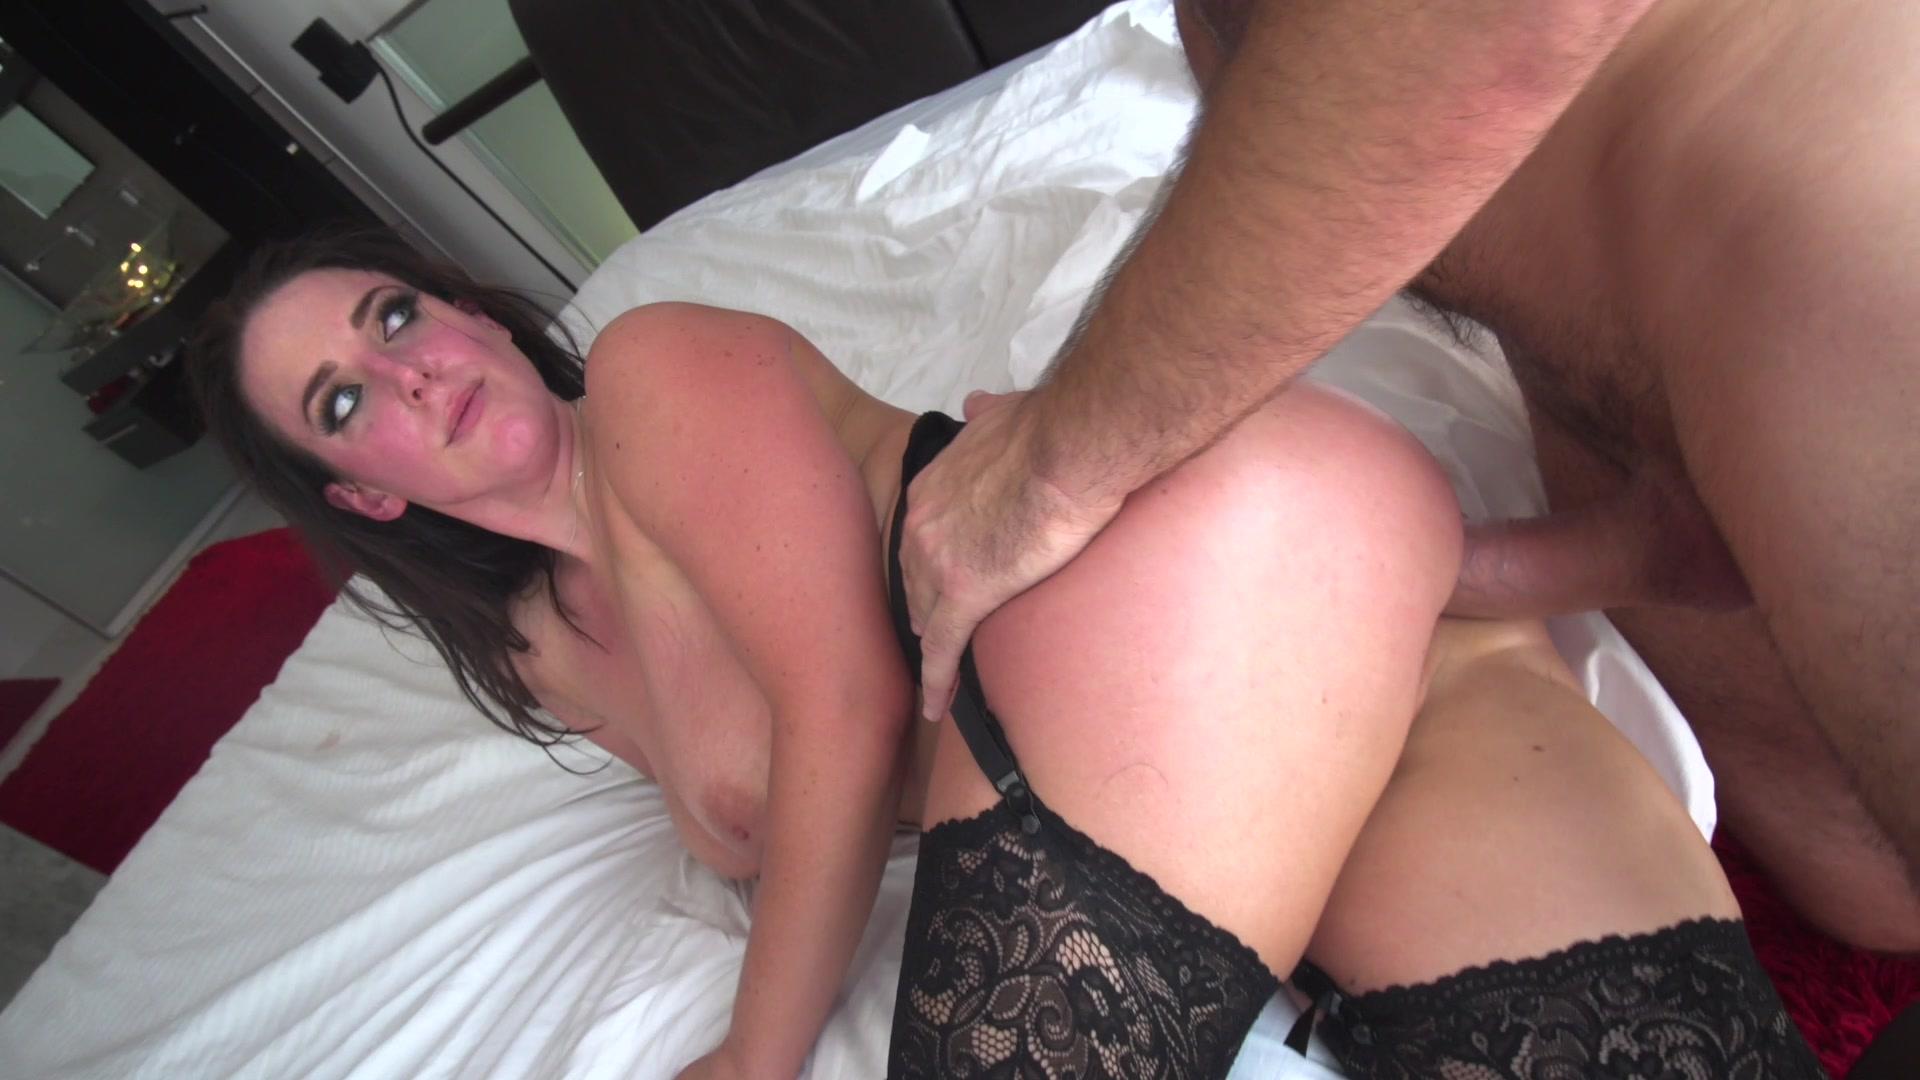 JANELLE: Busty bra busters